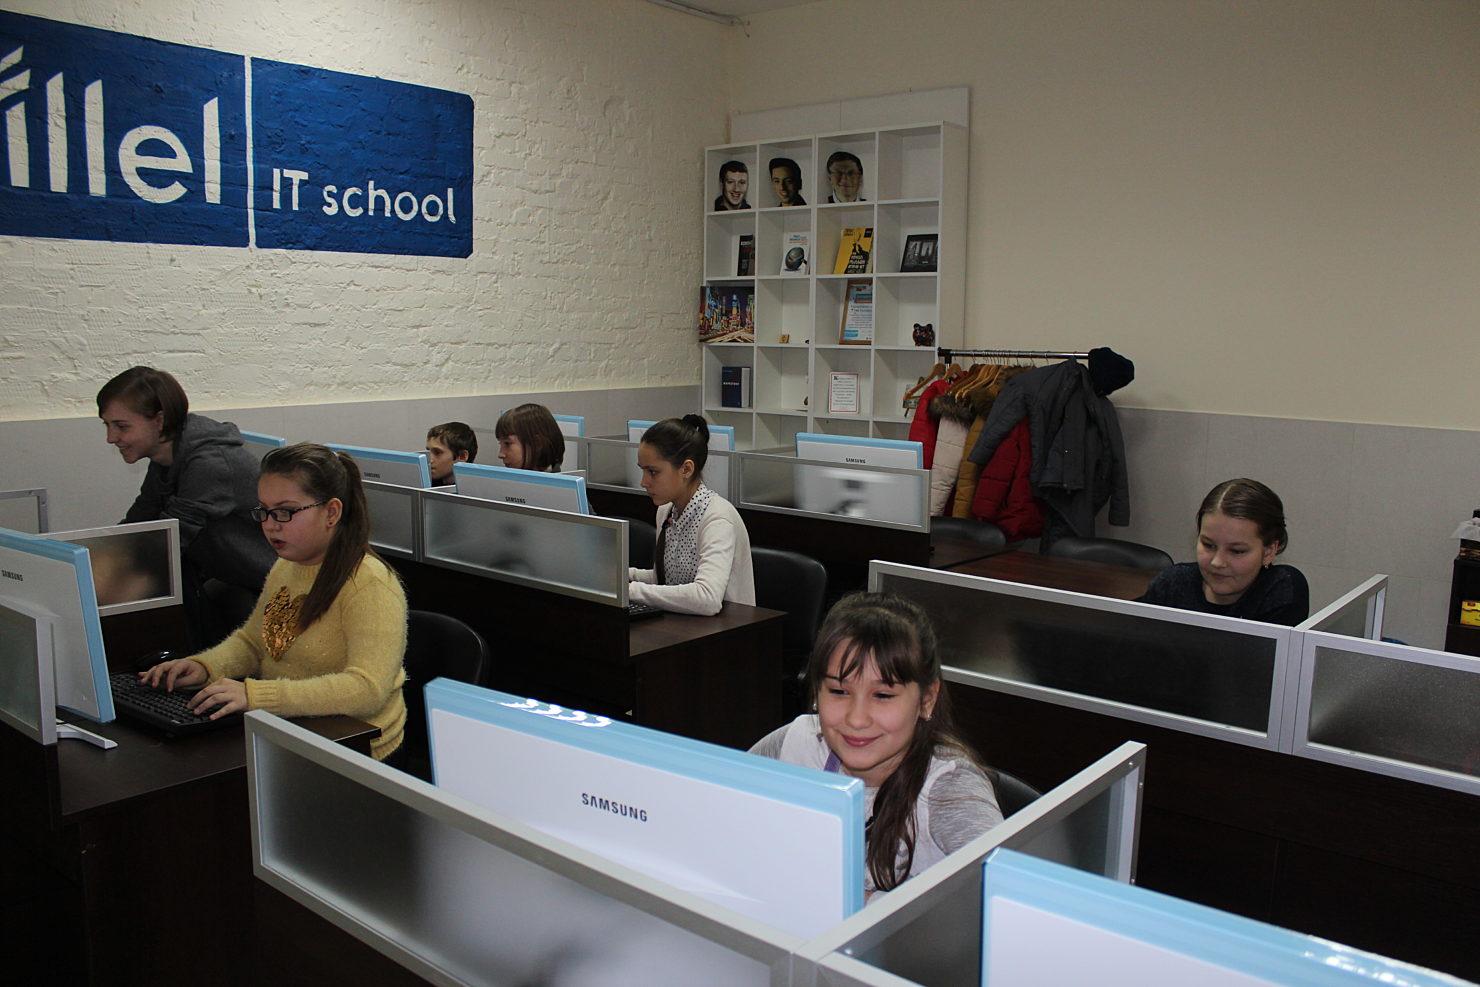 Новости школы: Детский день в Компьютерной школе Hillel. Занятие проходит в понятной и интересной для детей форме